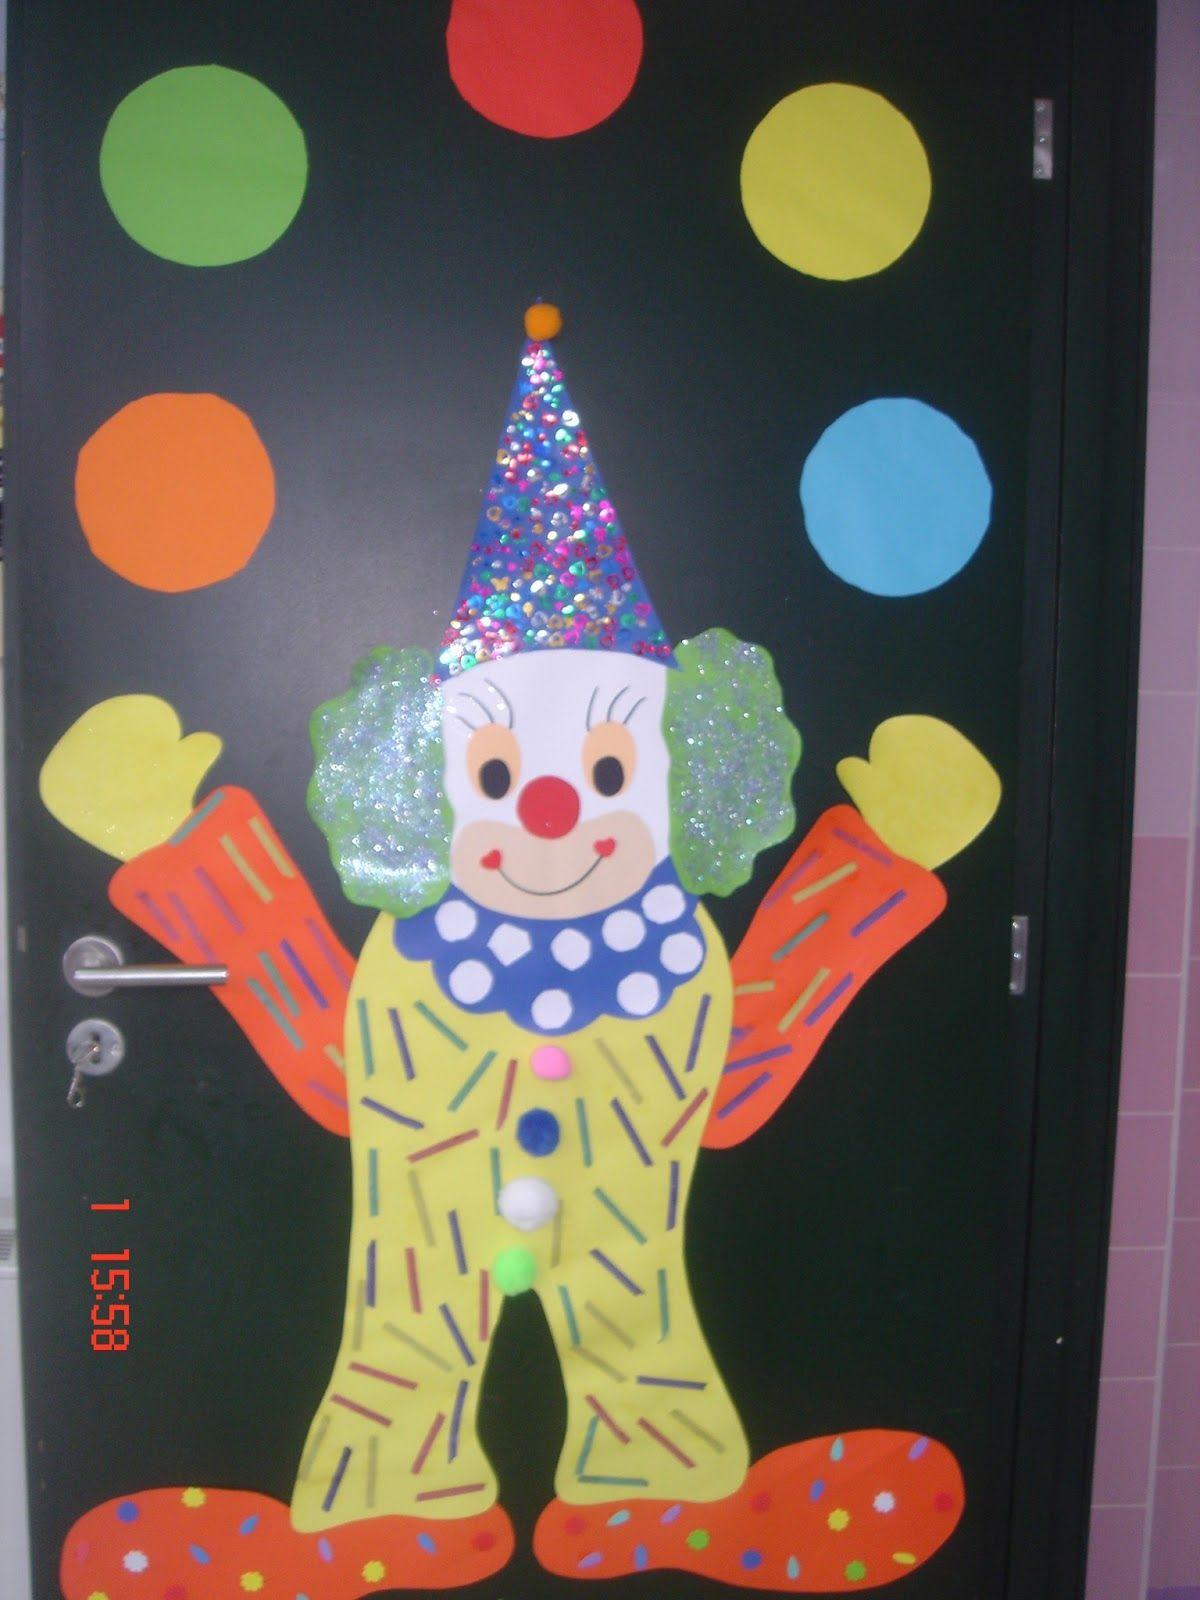 Carnaval decoração de portas - Pesquisa Google